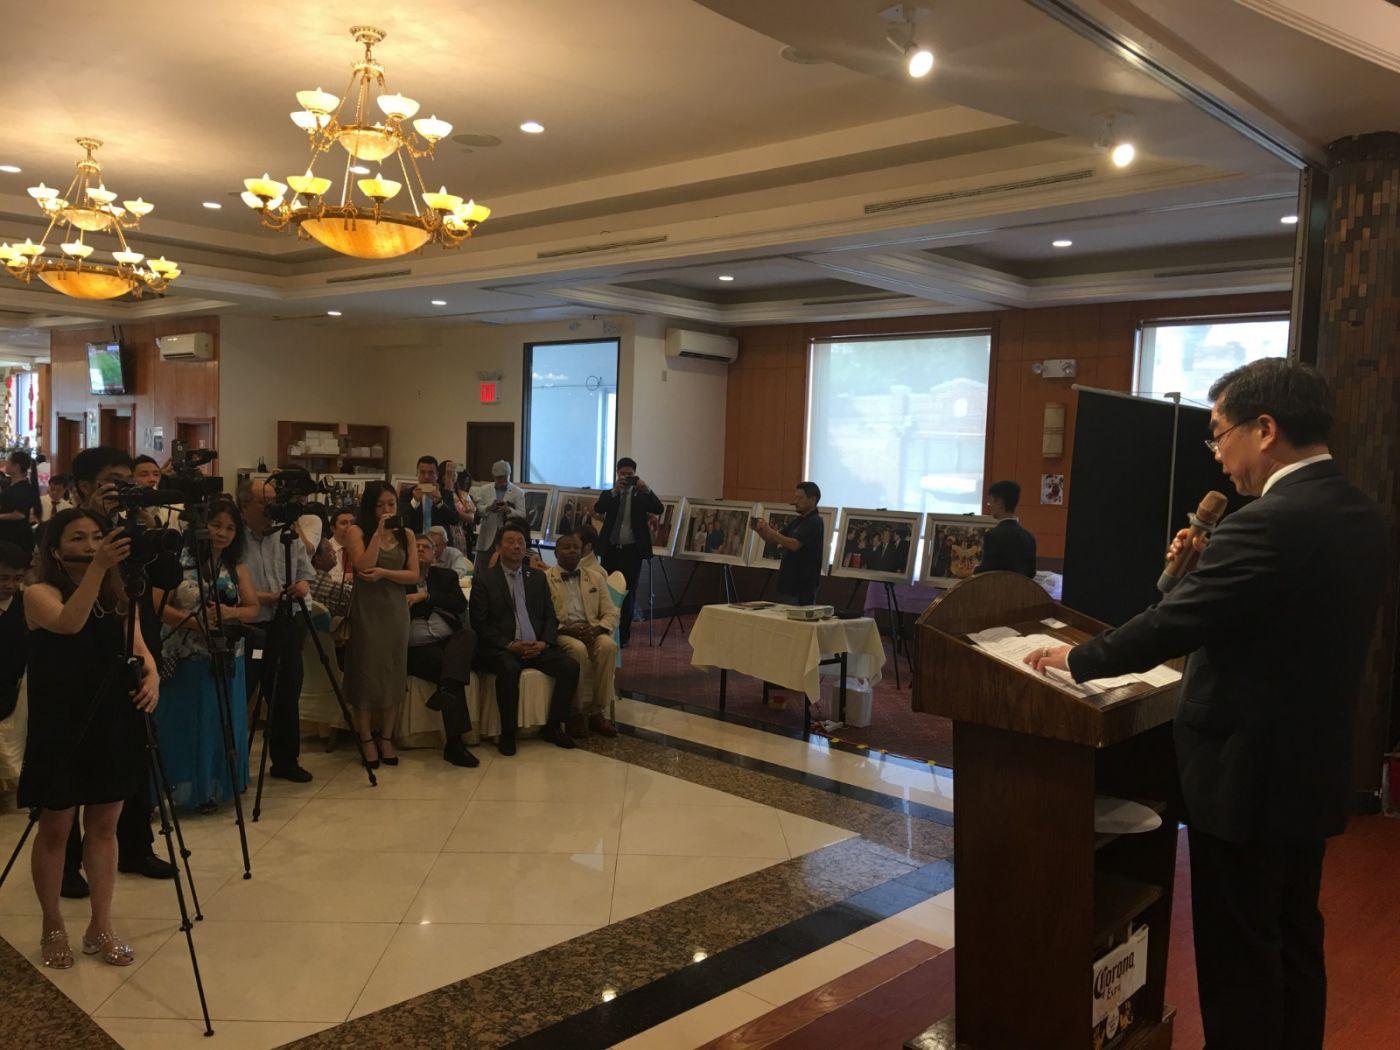 紐約州參議院通過「中國日」決議案慶祝会在紐約舉行_图1-10